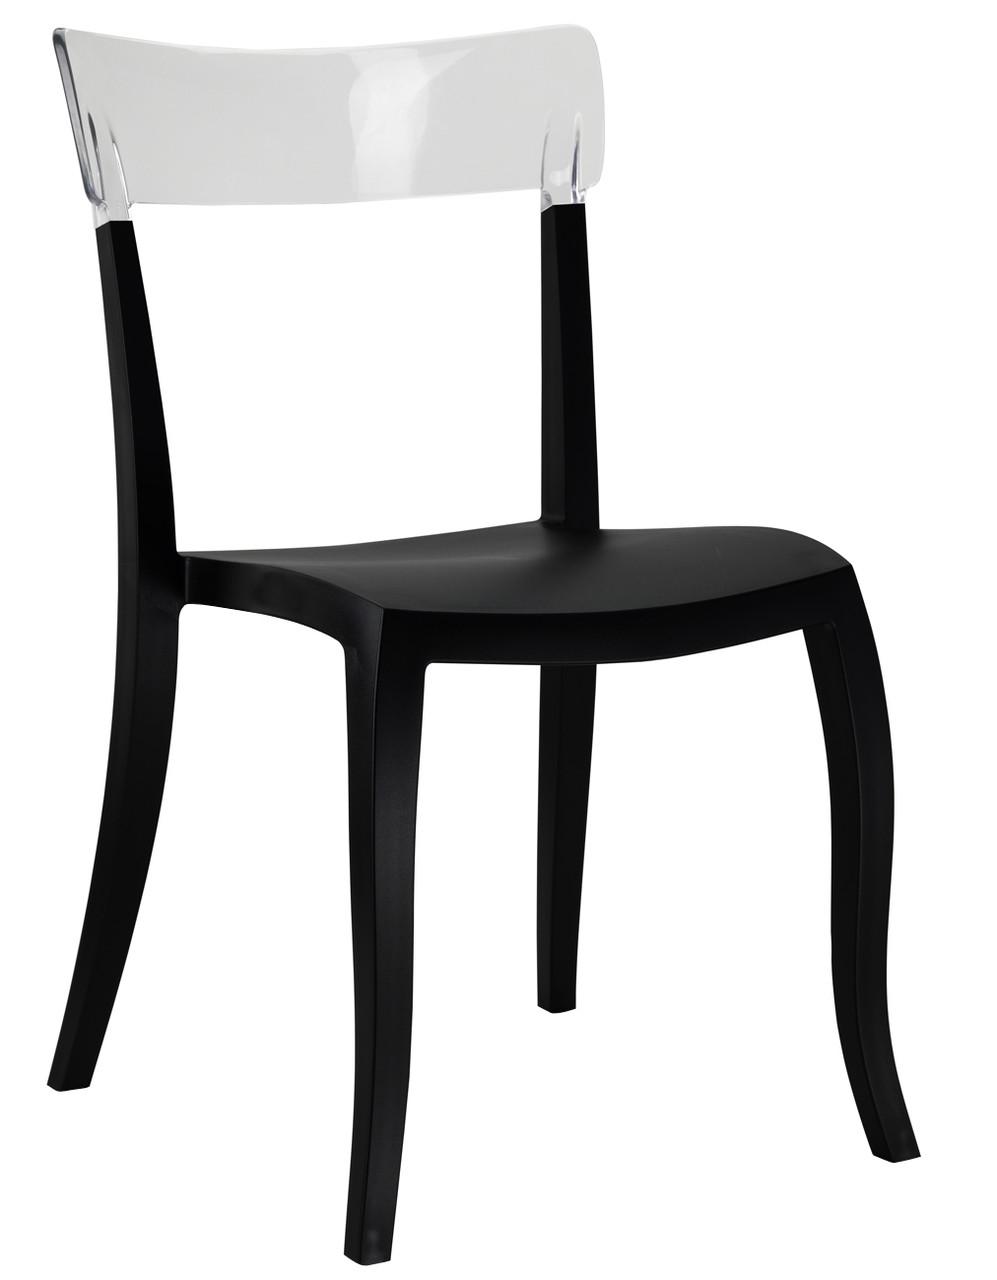 Стул Hera-S сиденье Черное верх Прозрачно-чистый (Papatya-TM)